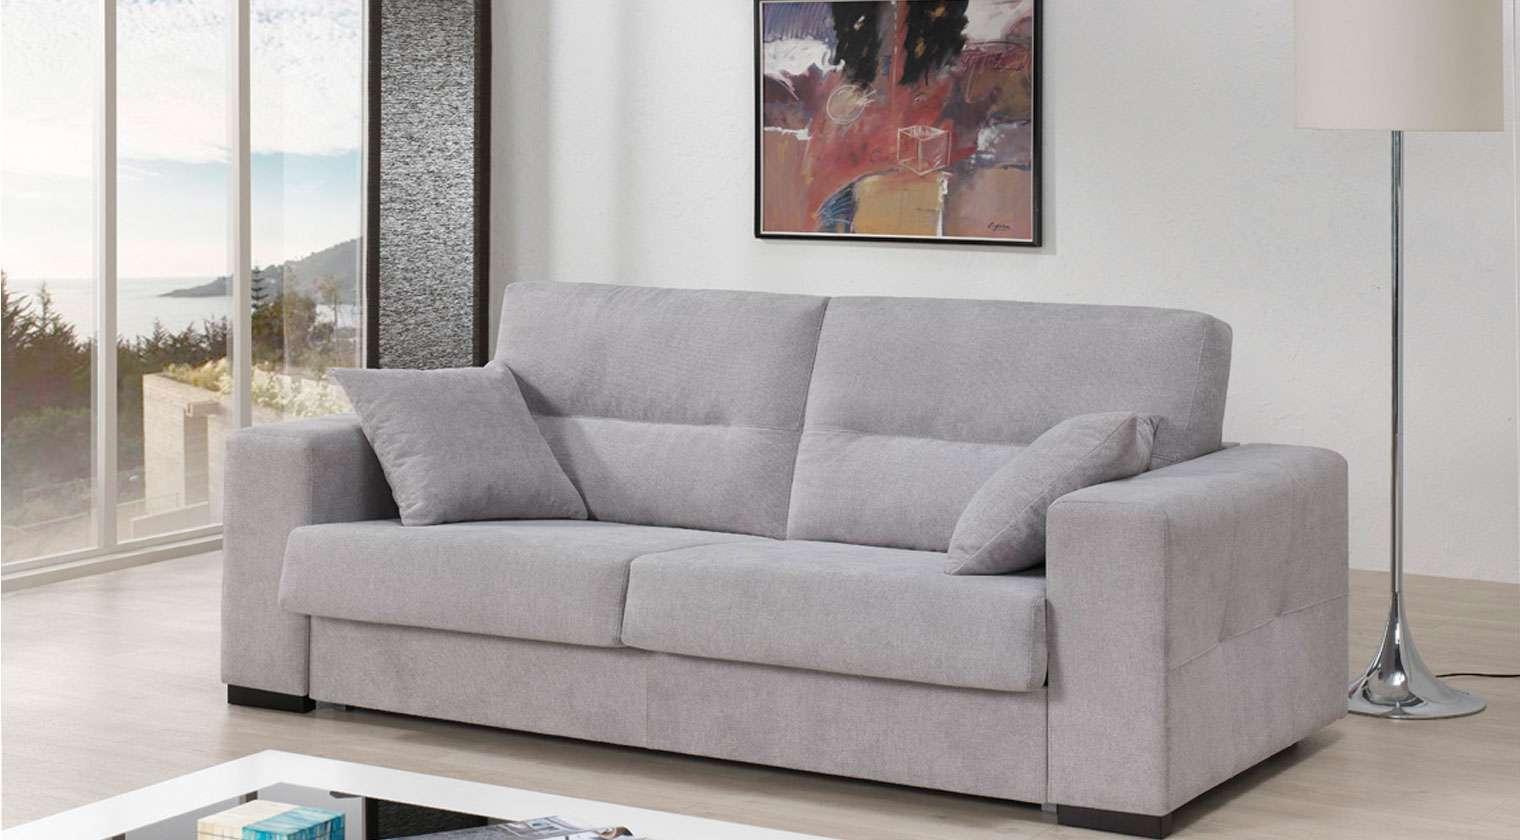 Comprar sof cama apolo sof cama 150x190 rolex alba - Bisagras para sofa cama ...